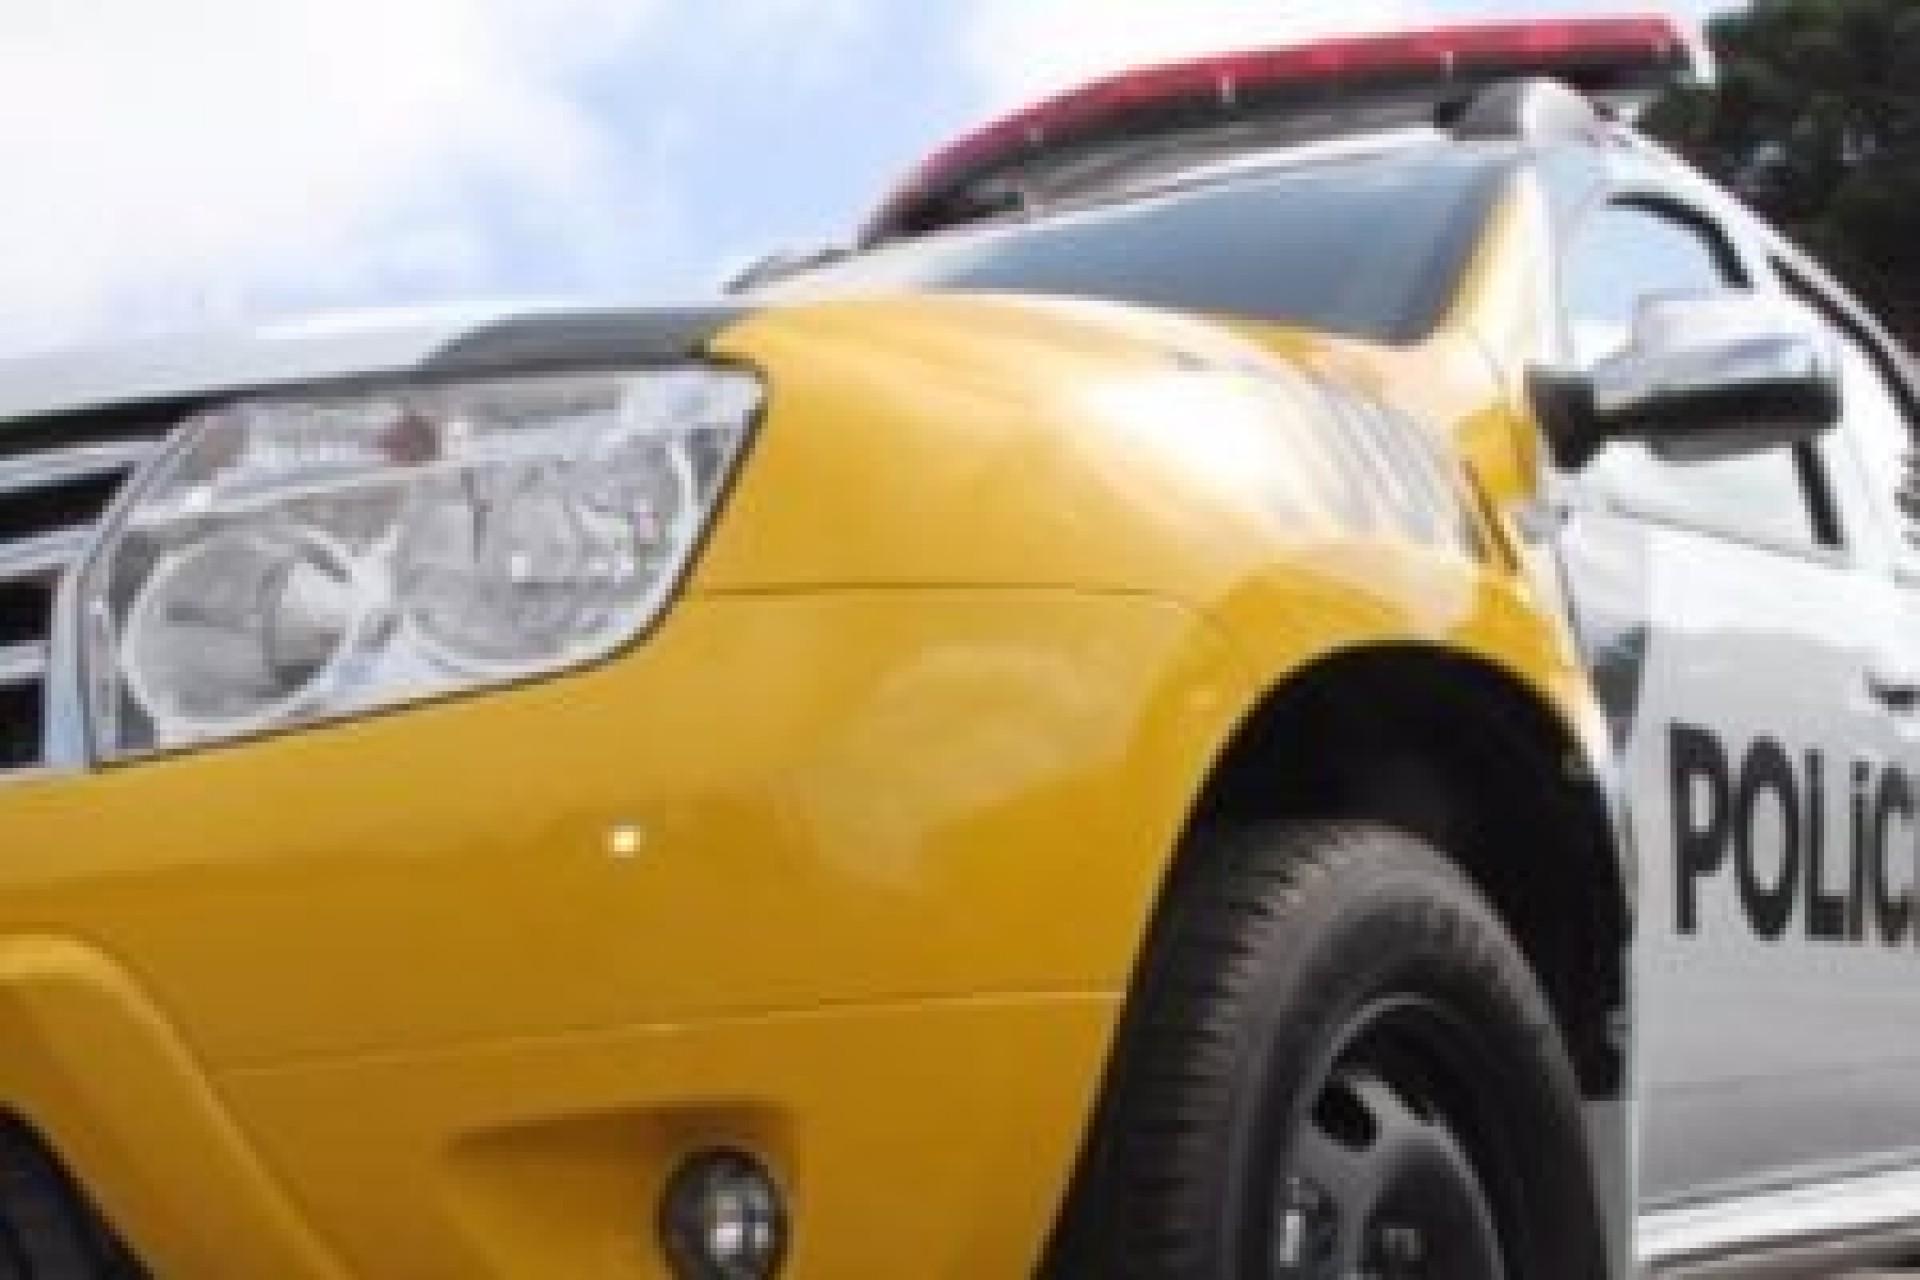 Medianeira: Policiais militares salvam jovem que tentava se jogar de viaduto